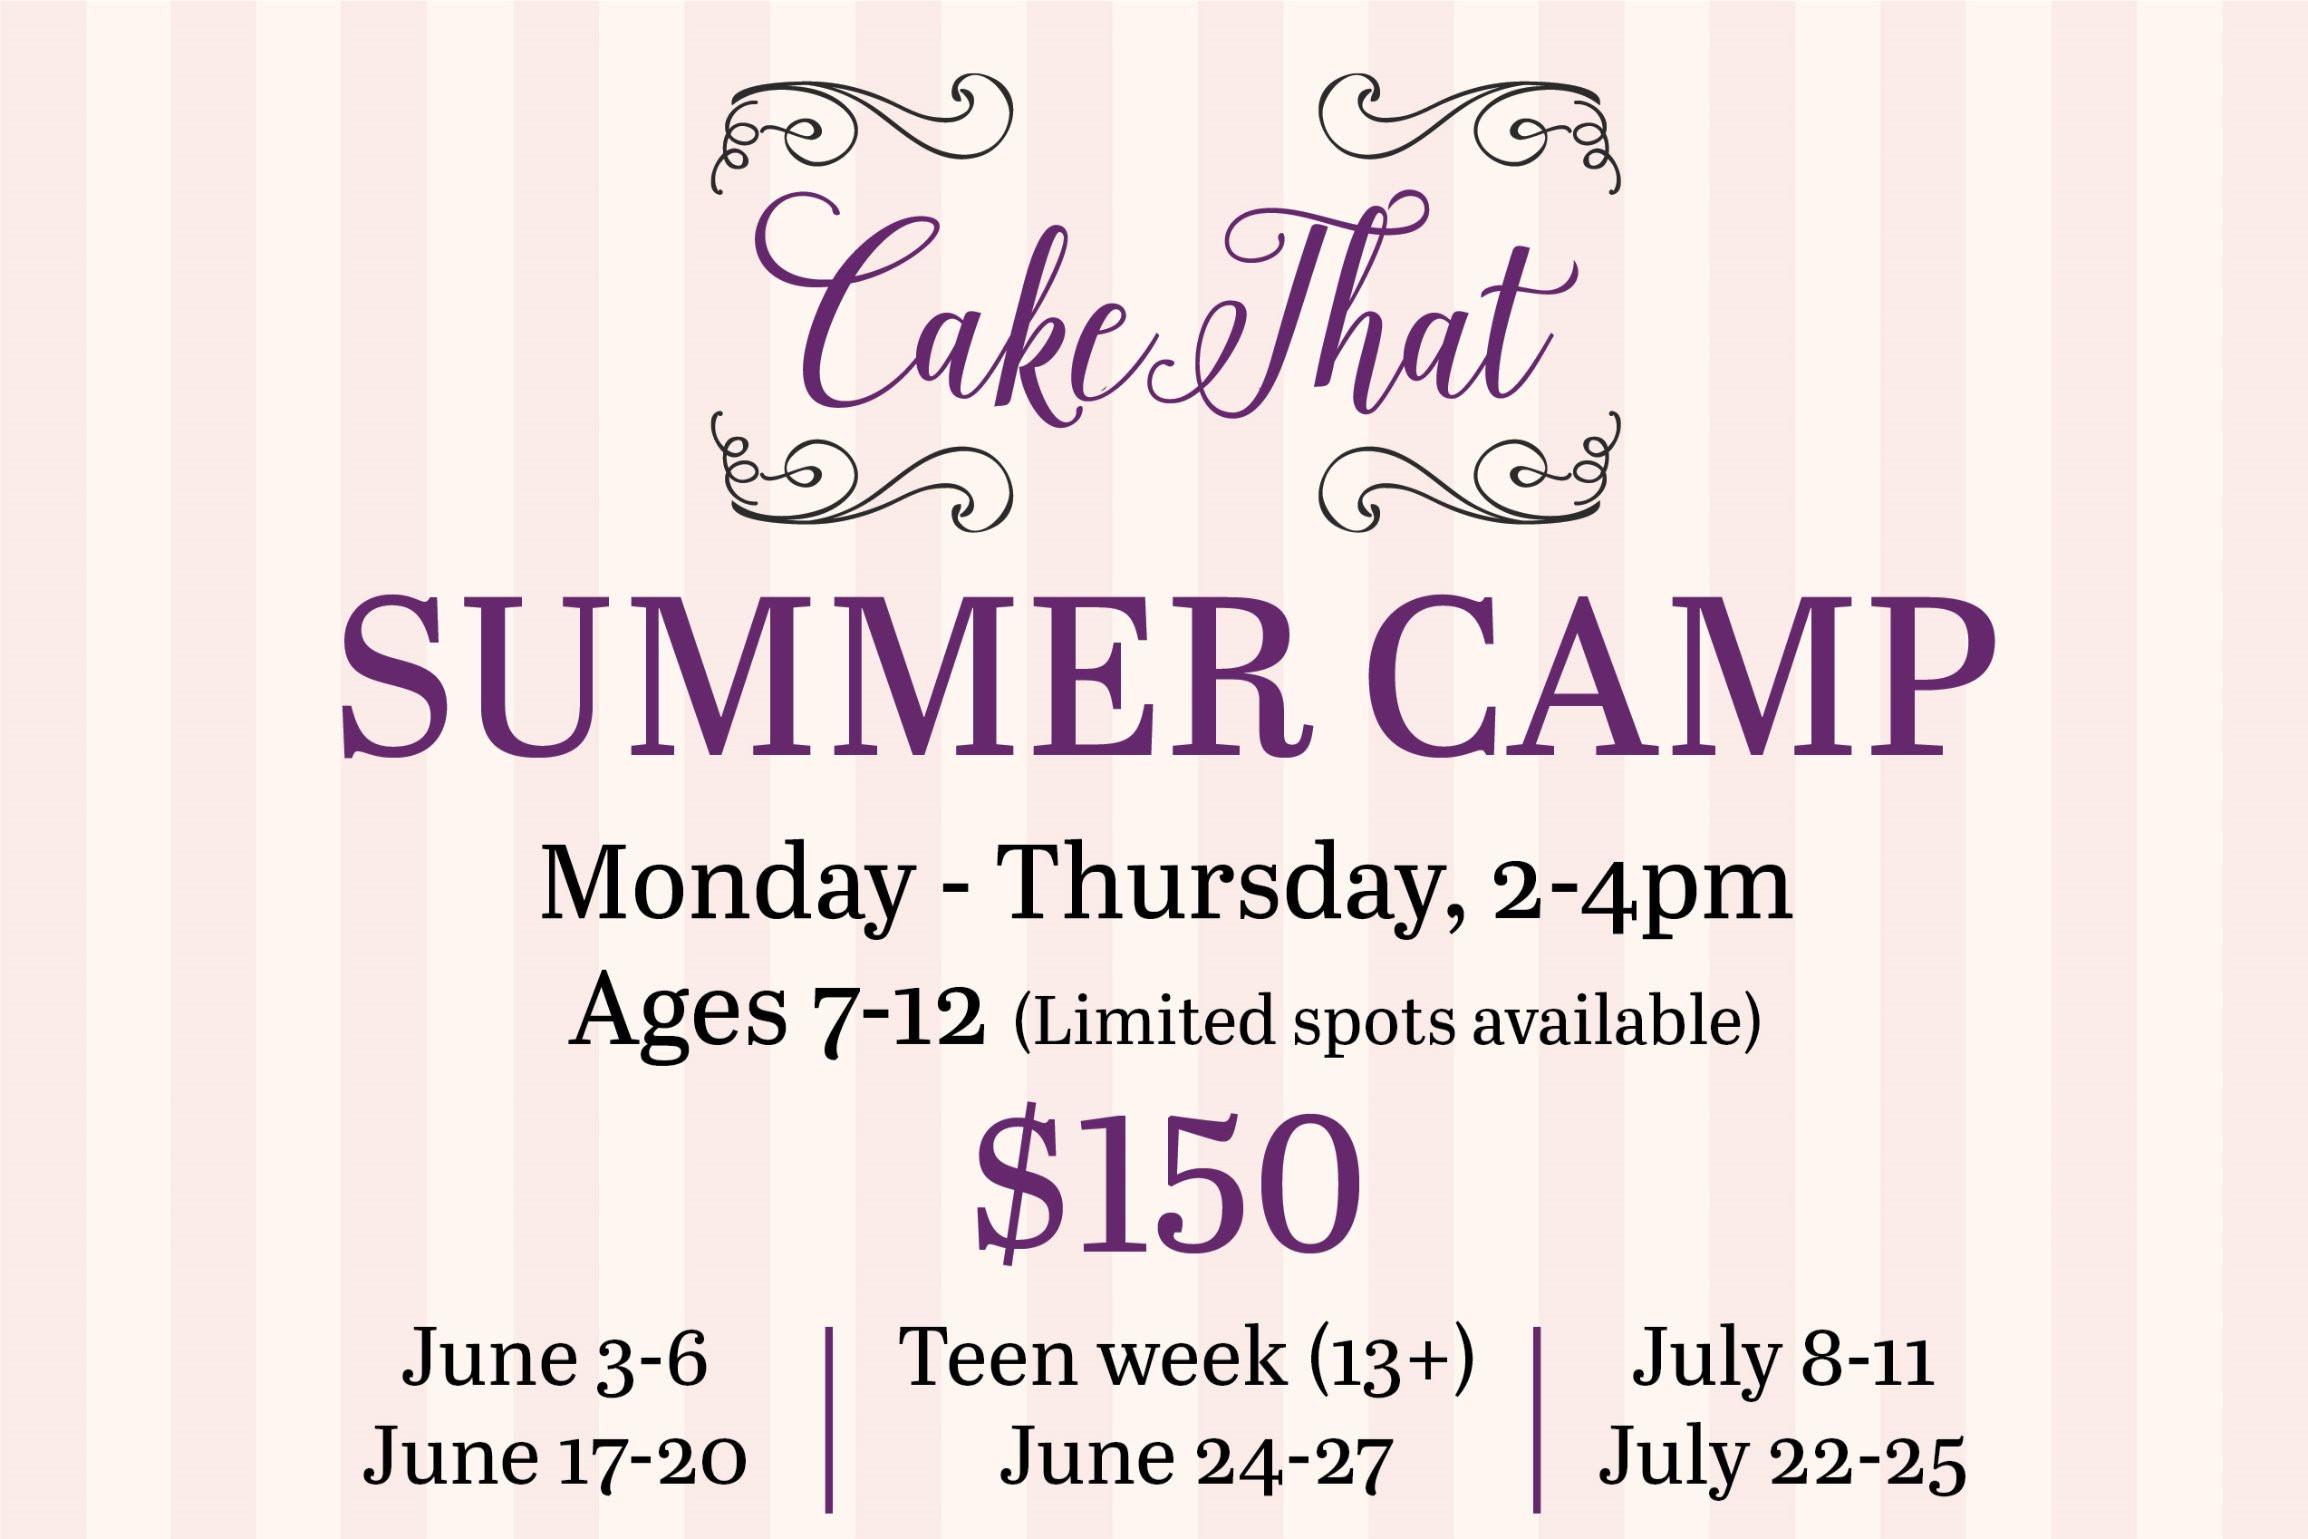 Summer Camp: Teen week, Week of June 24